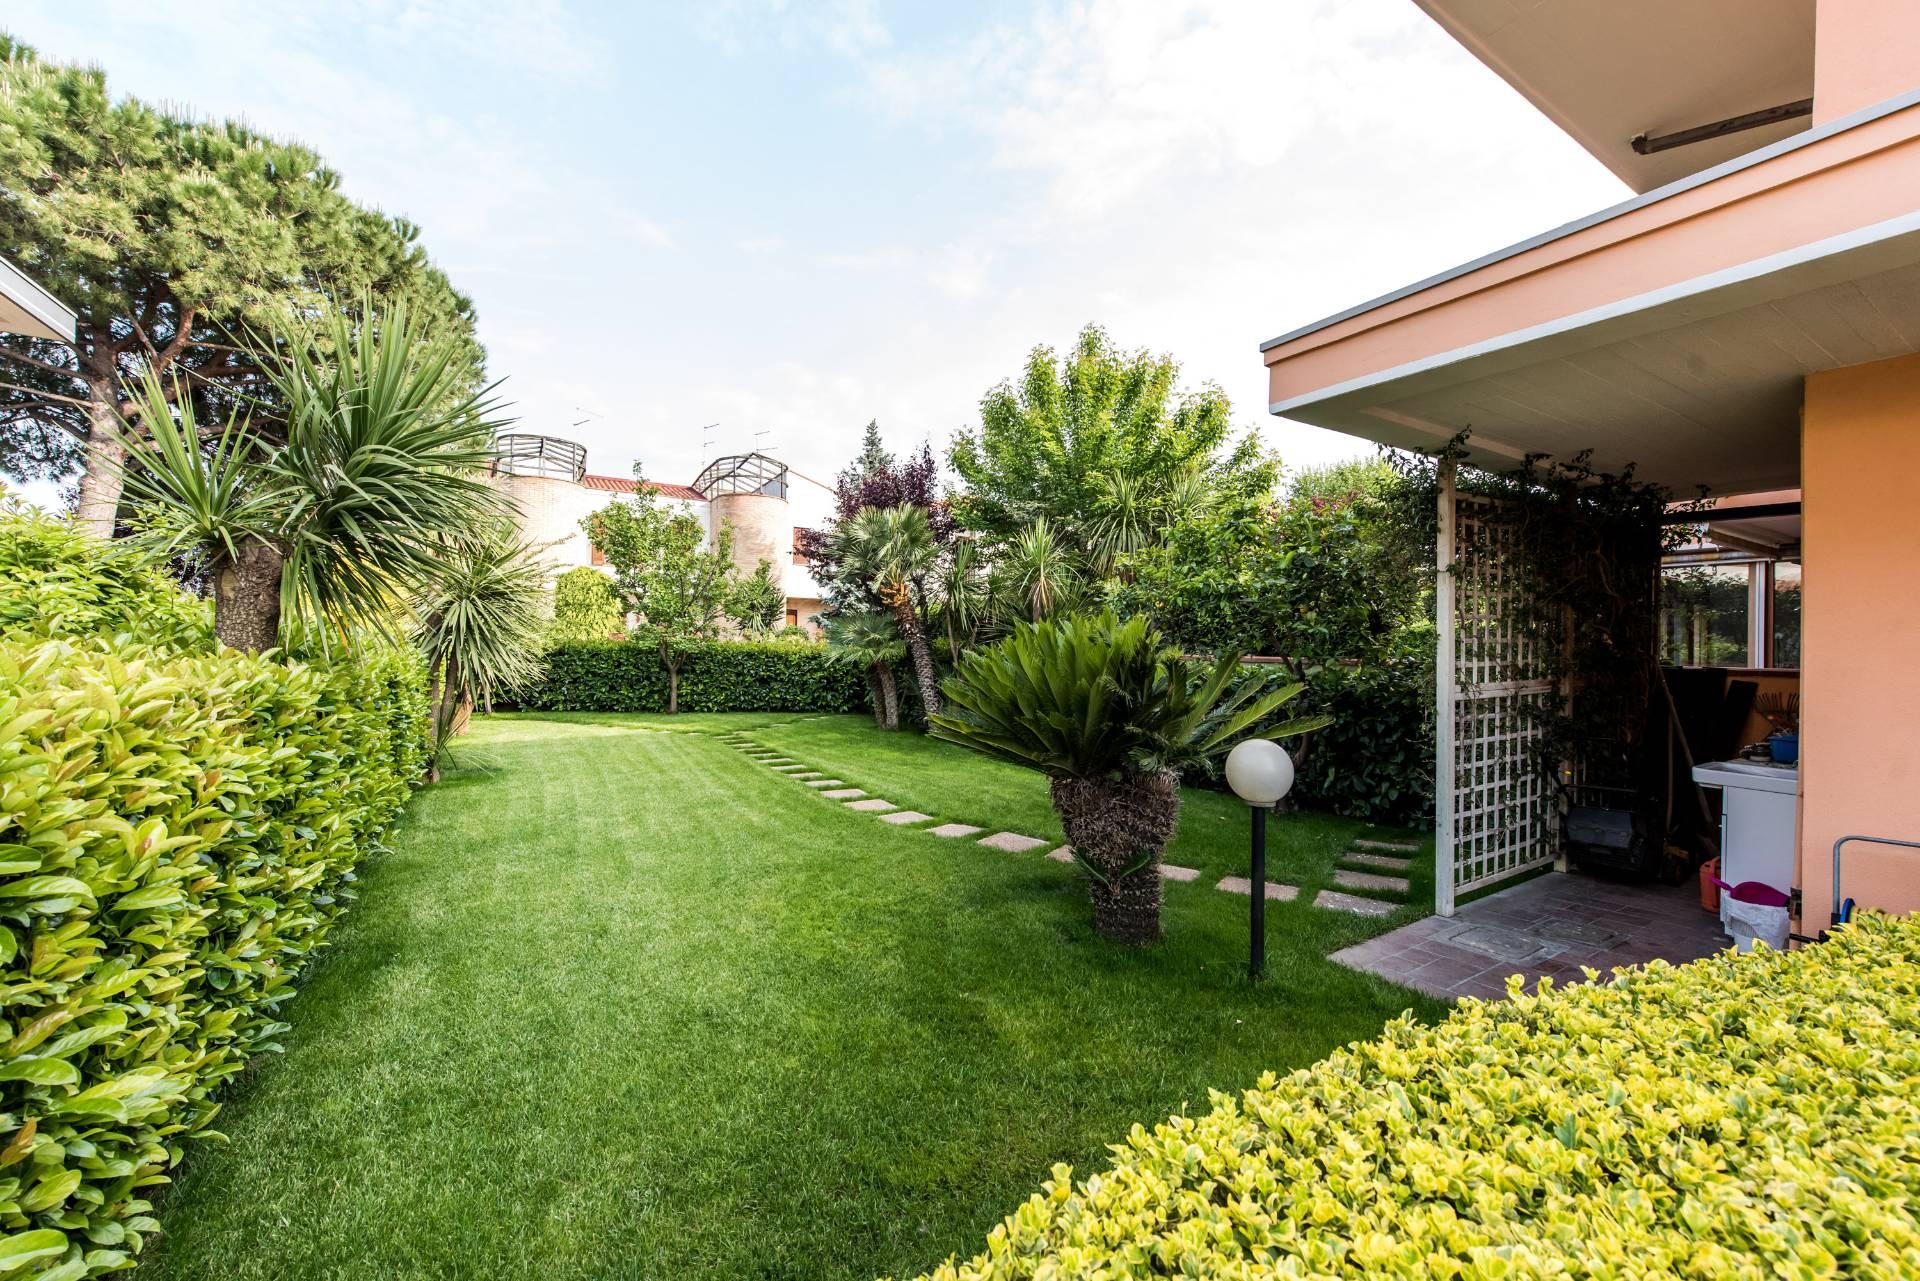 Villa in vendita a Francavilla al Mare, 6 locali, Trattative riservate | Cambio Casa.it